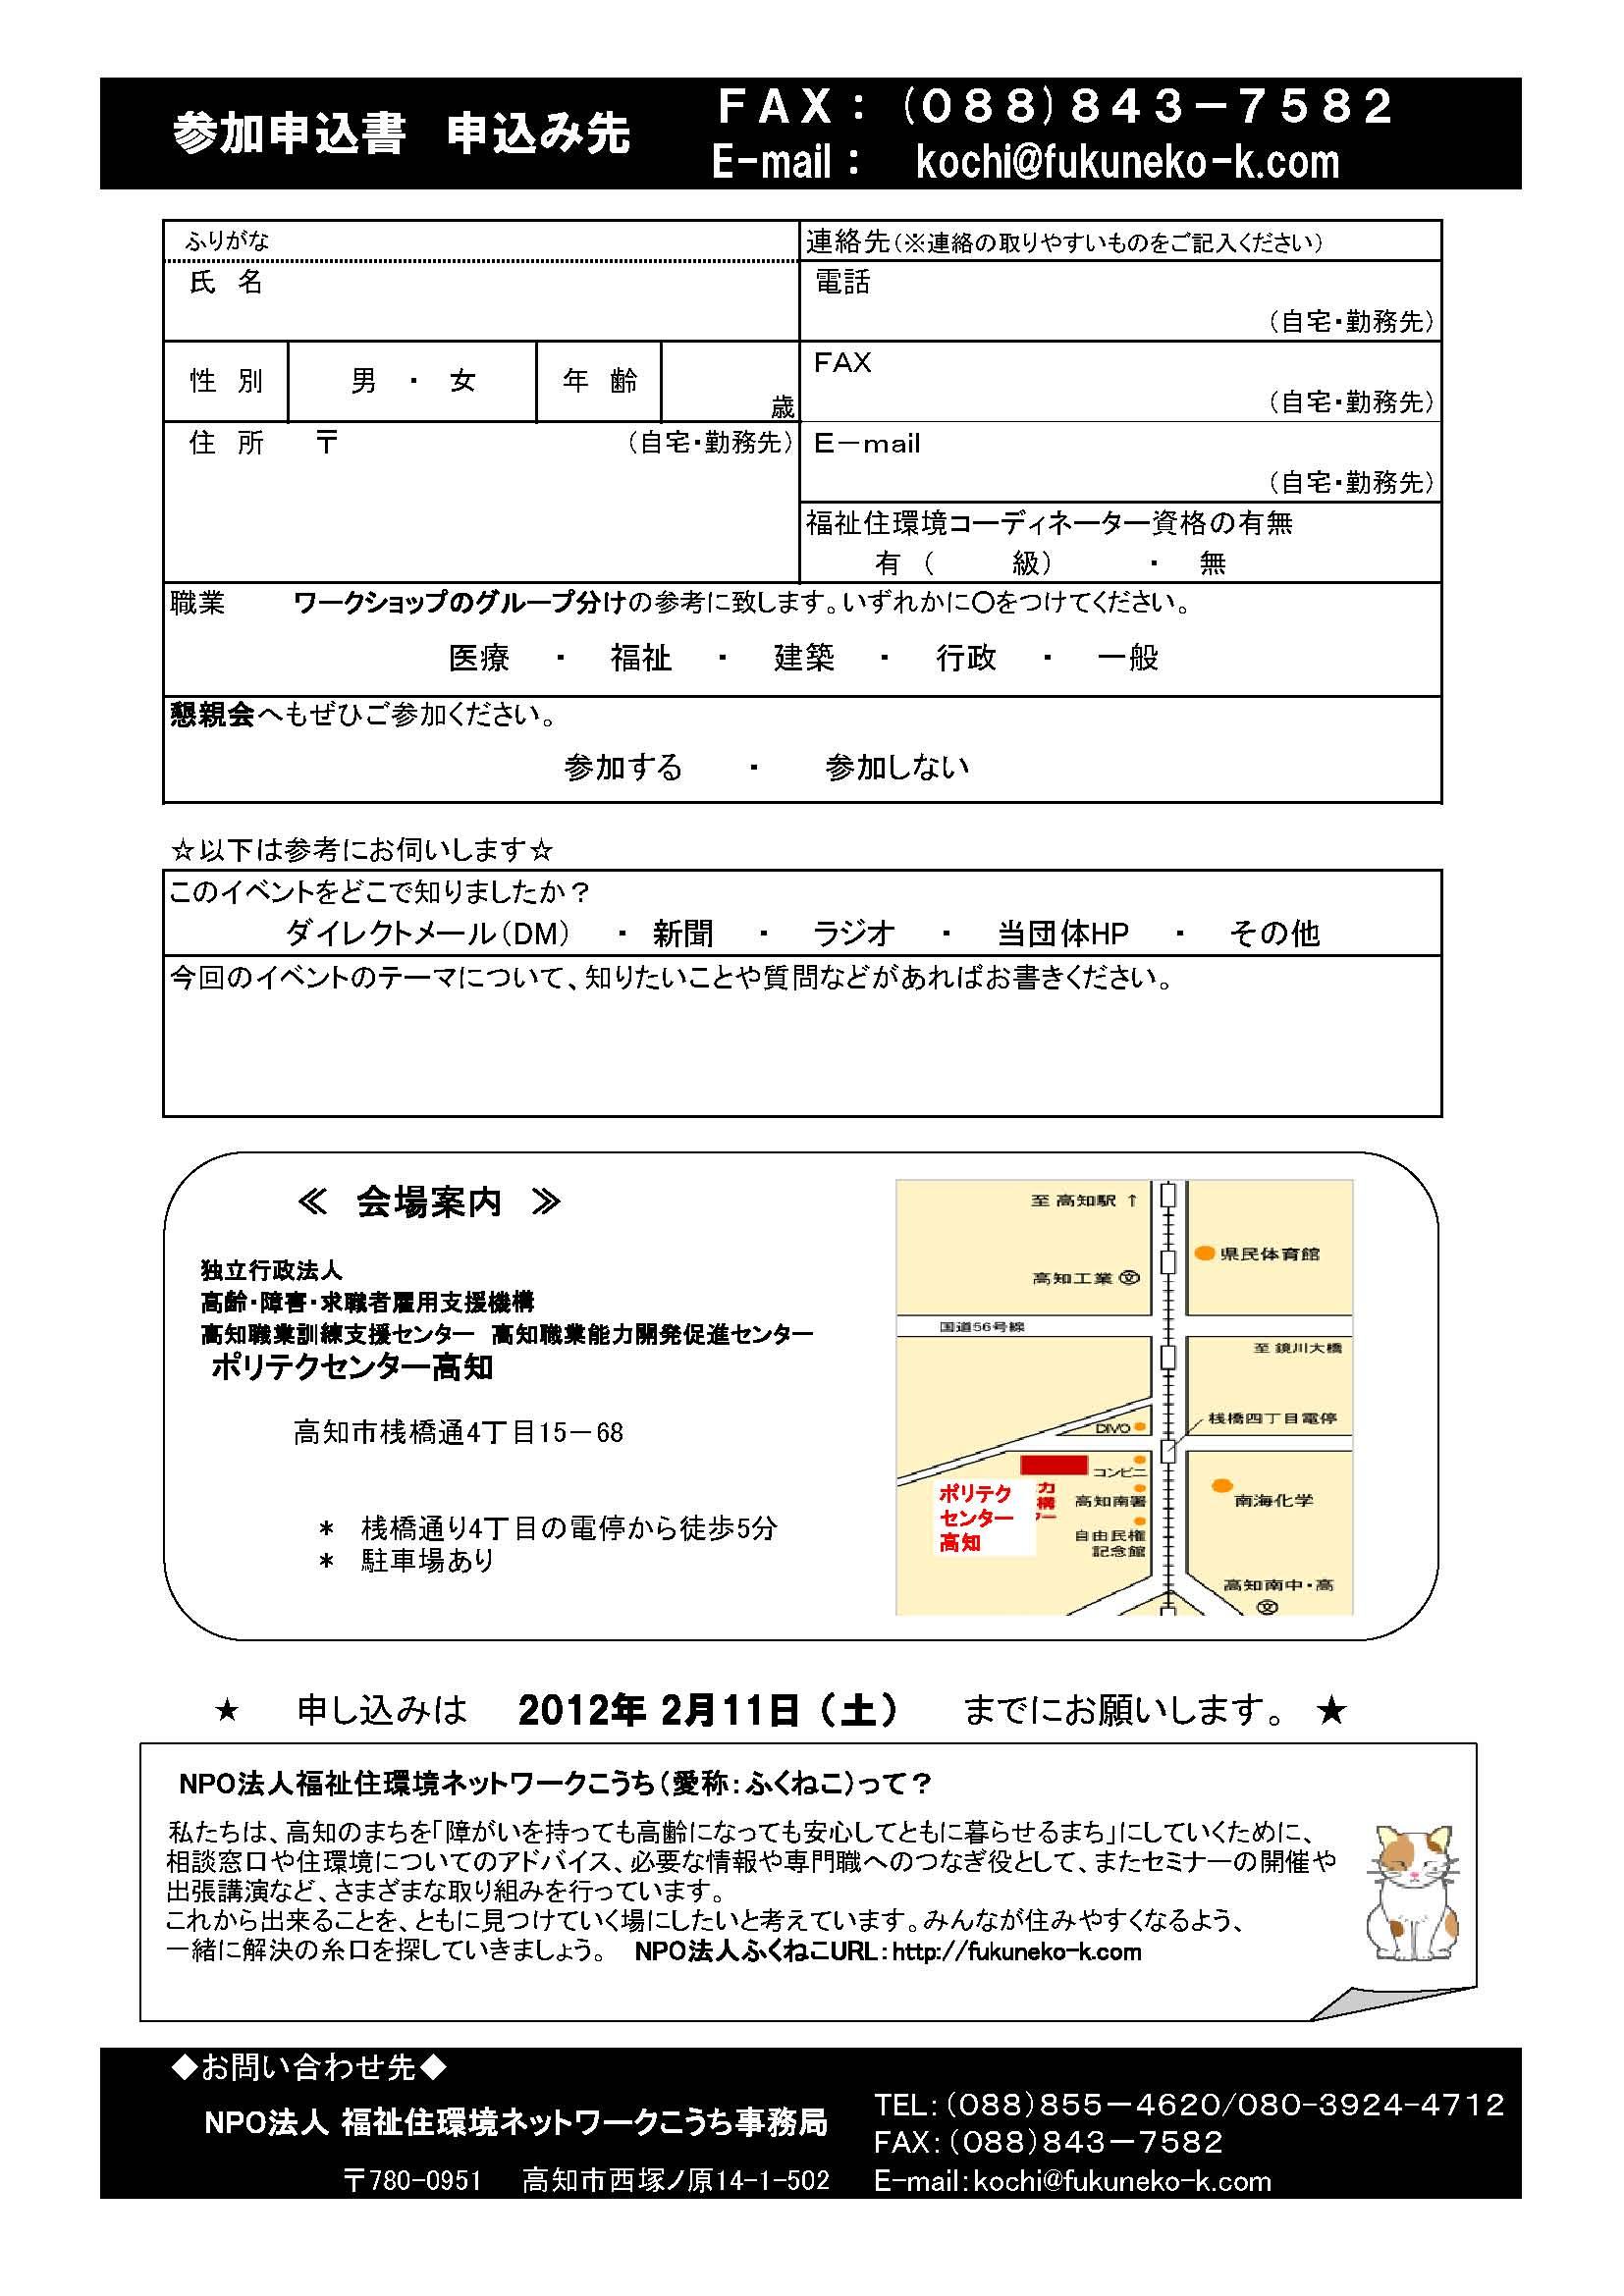 2012TM ちらしページ_2